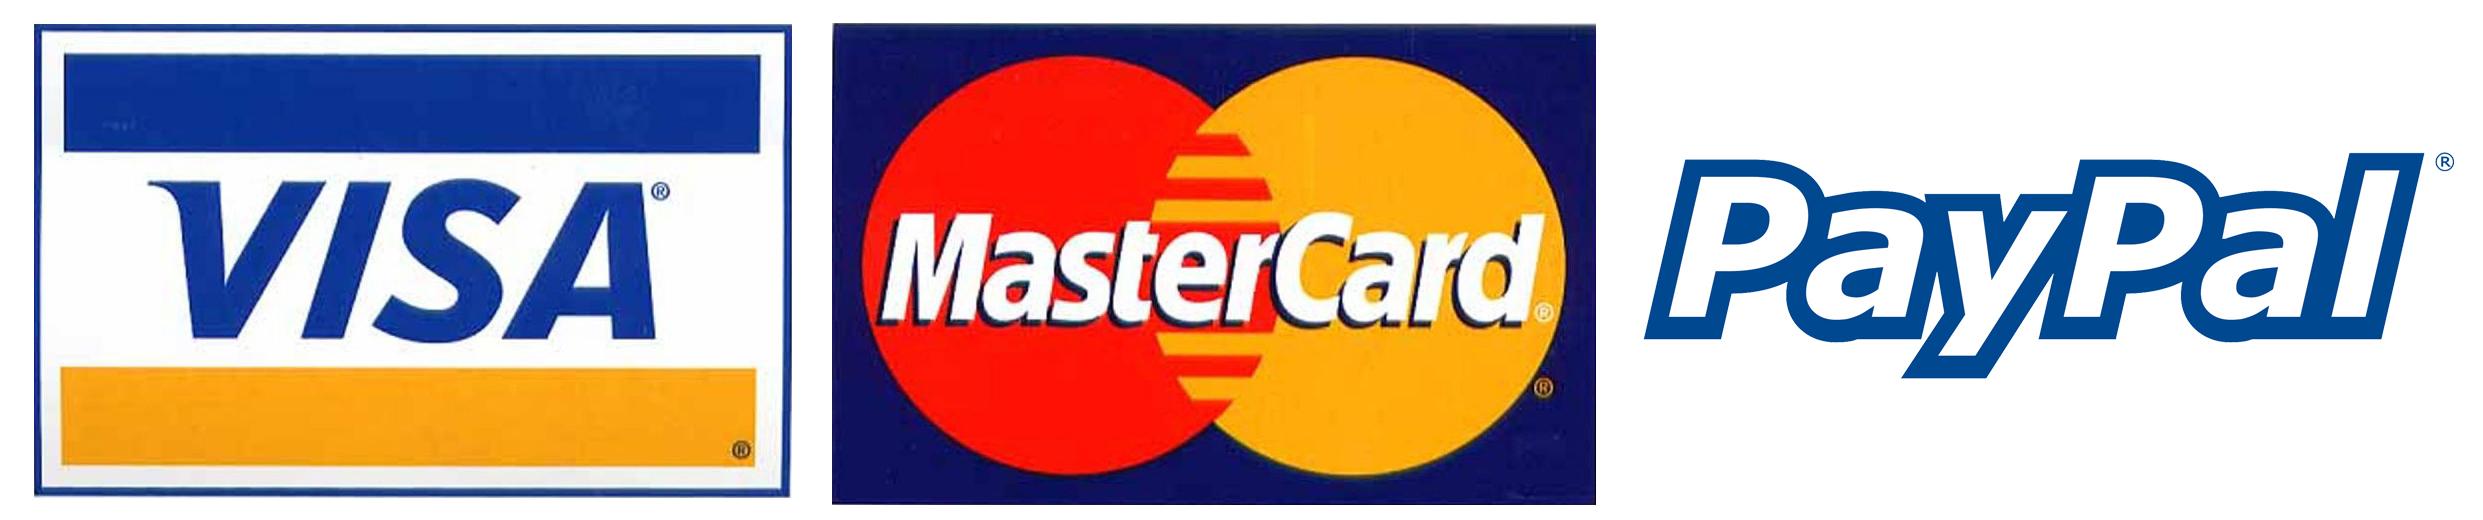 visamastercardpaypal-logo.jpg